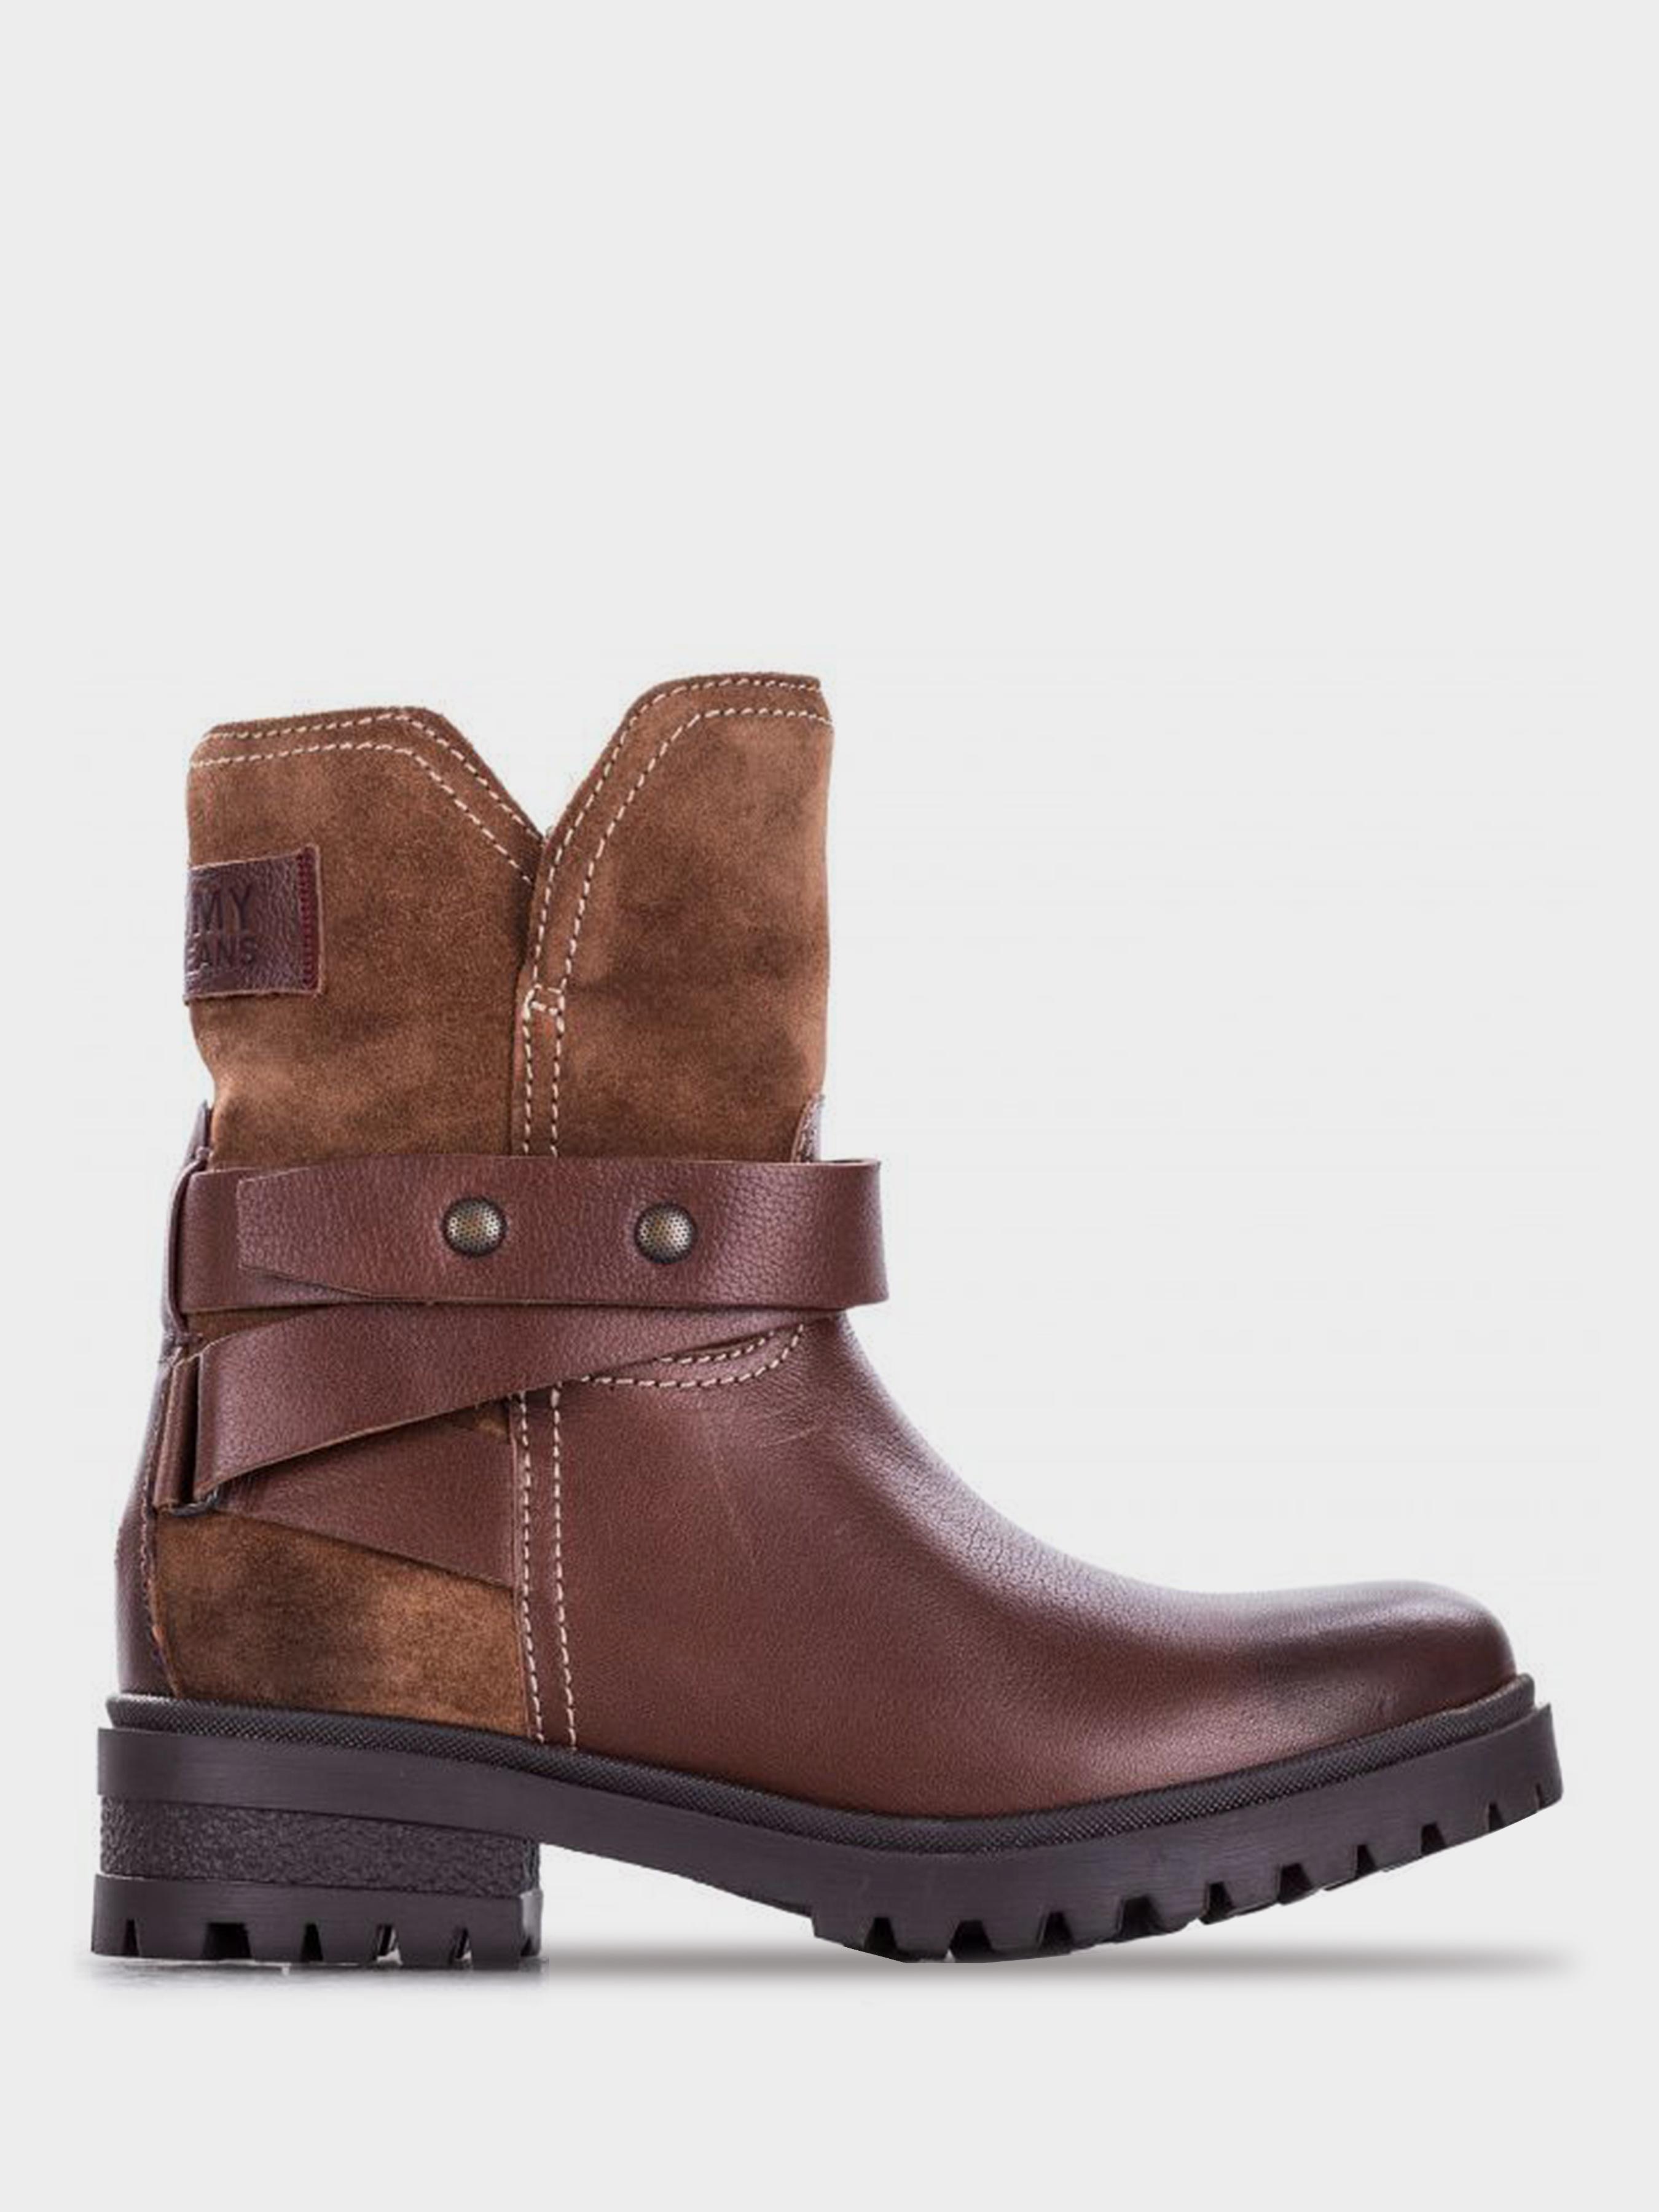 Купить Ботинки для женщин Tommy Hilfiger TD1161, Коричневый